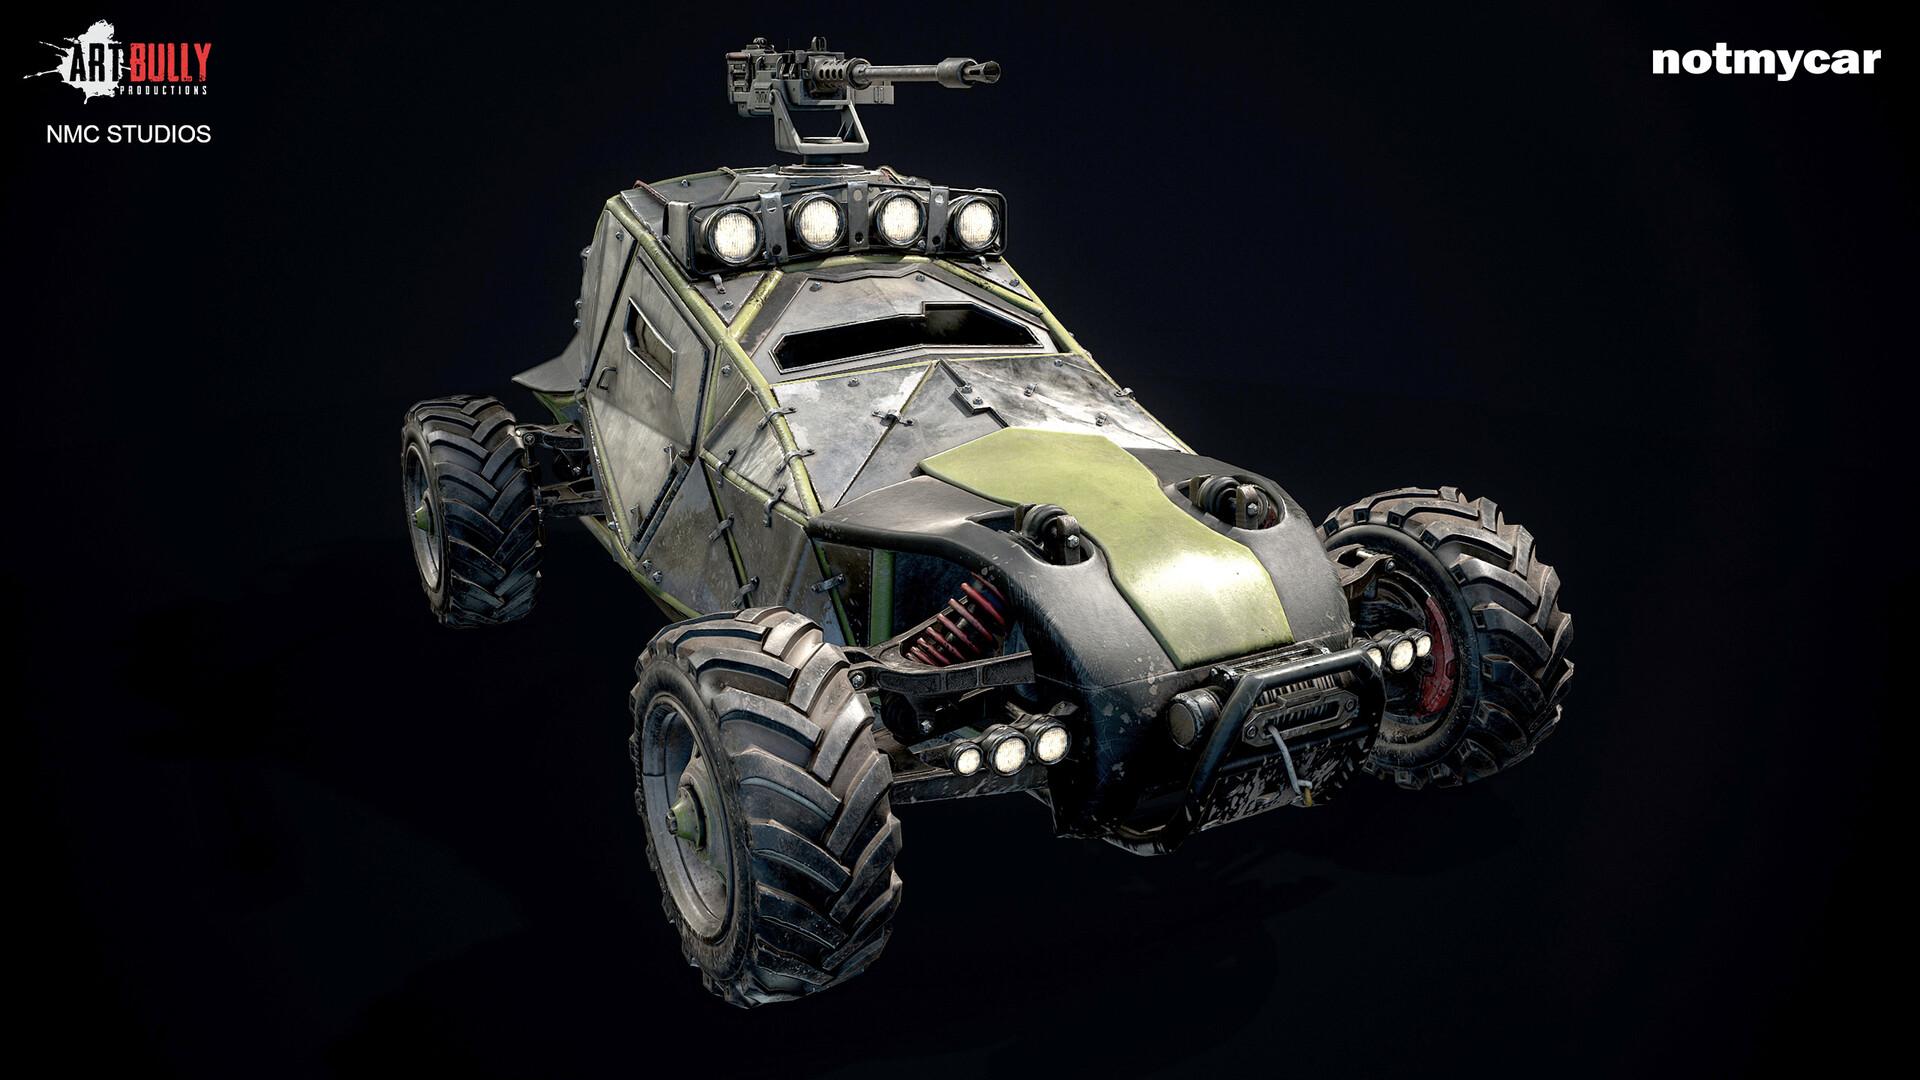 Patrick nuckels notmycar buggy 01